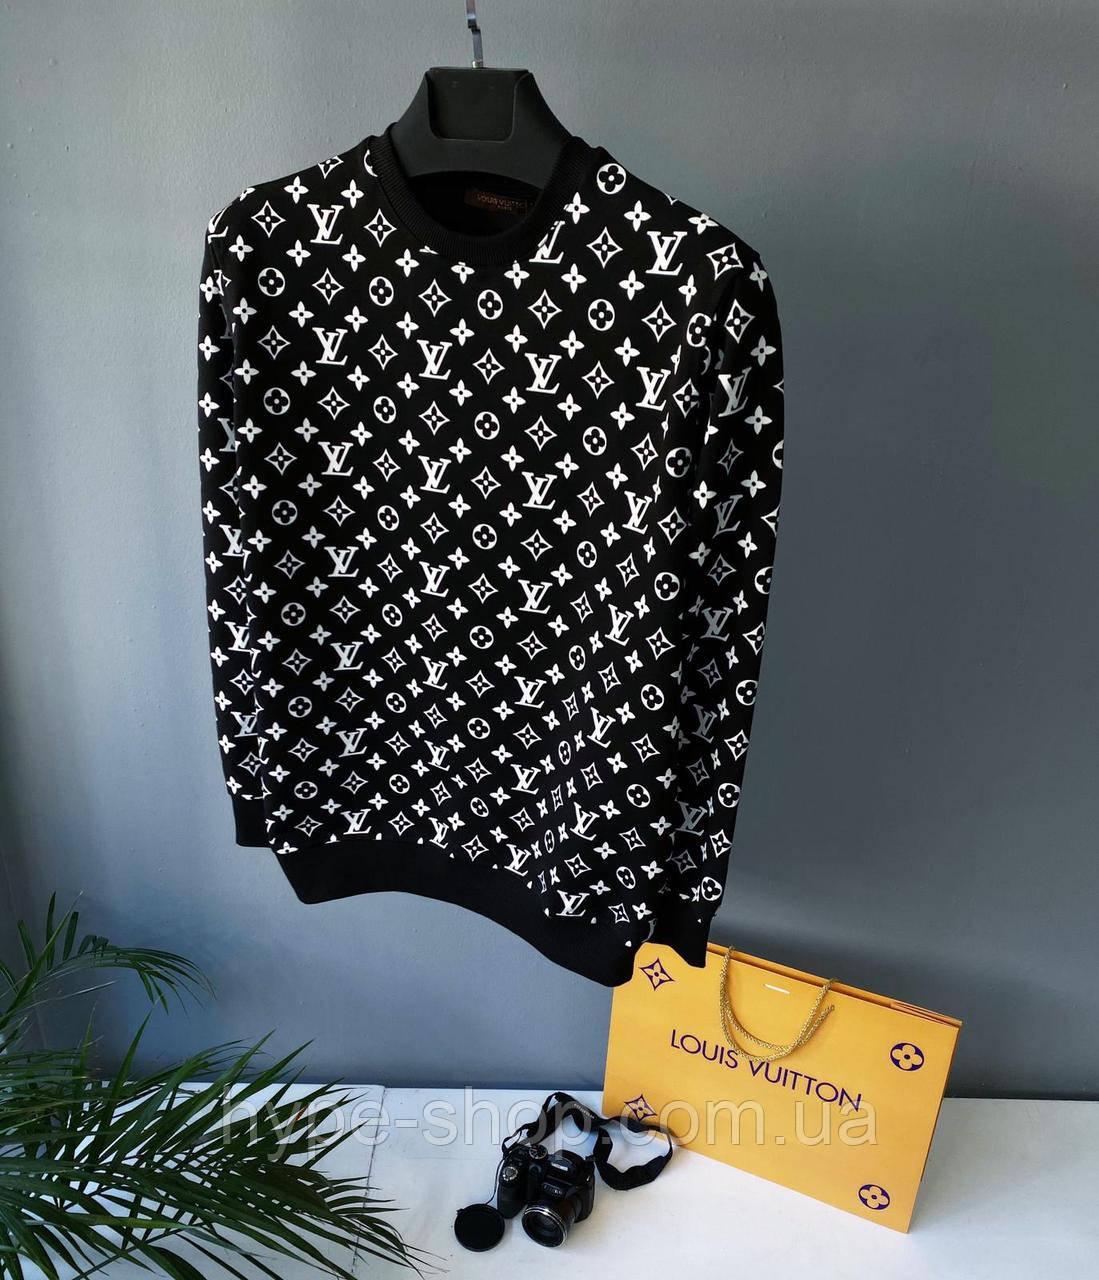 Чоловічий світшот Louis Vuitton туреччина репліка